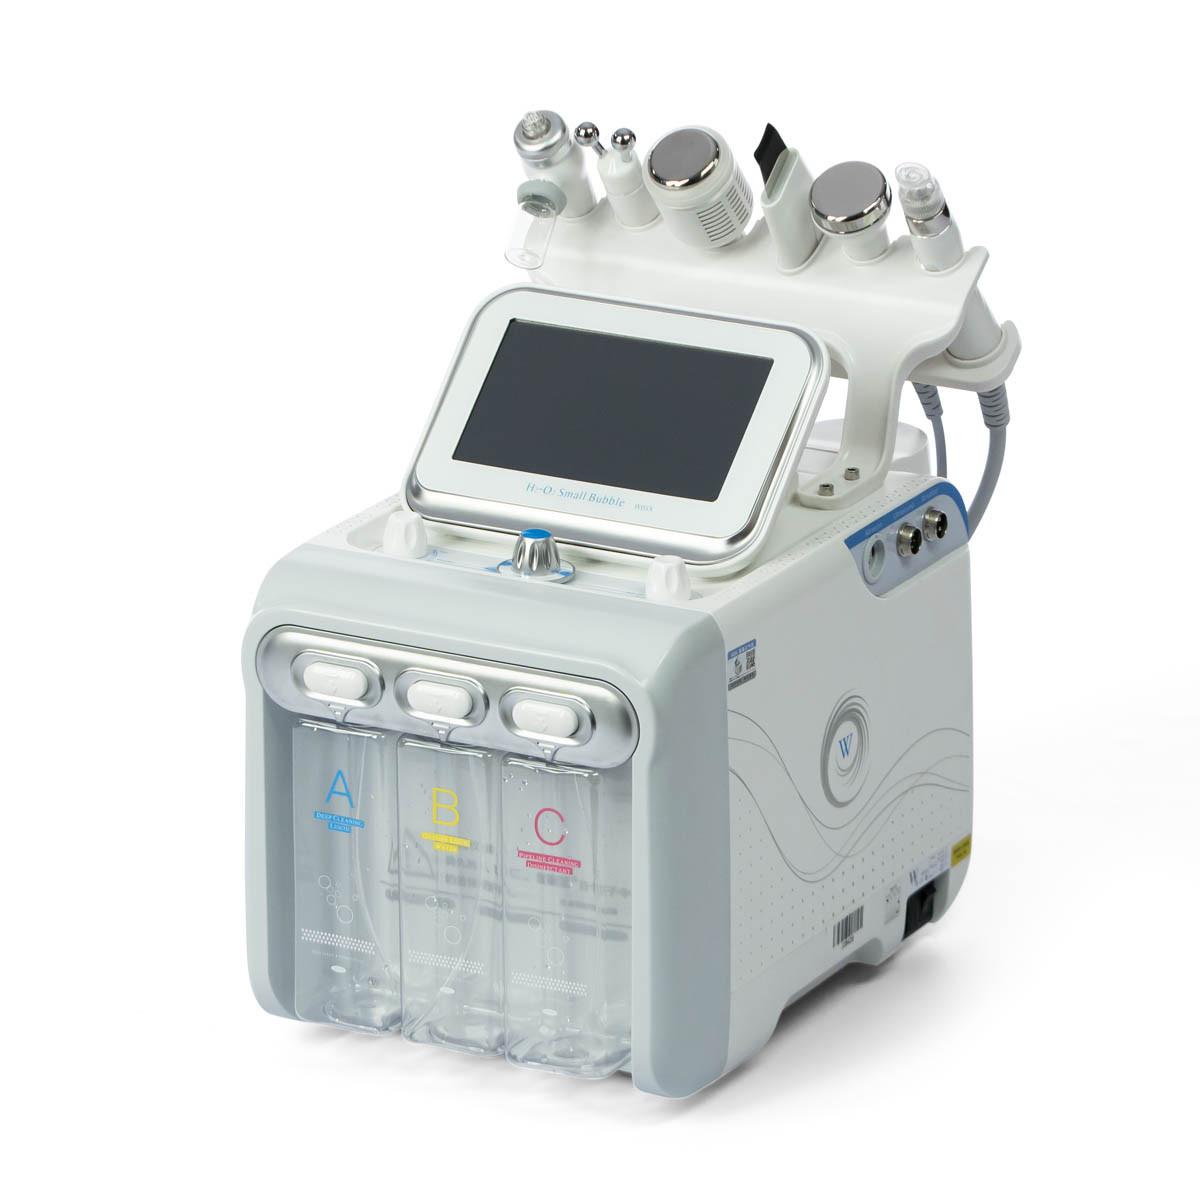 Апарат аквапиллинга і гидропилинга 7 в 1 NV-W05X+мезотерапія+RF+скрабер